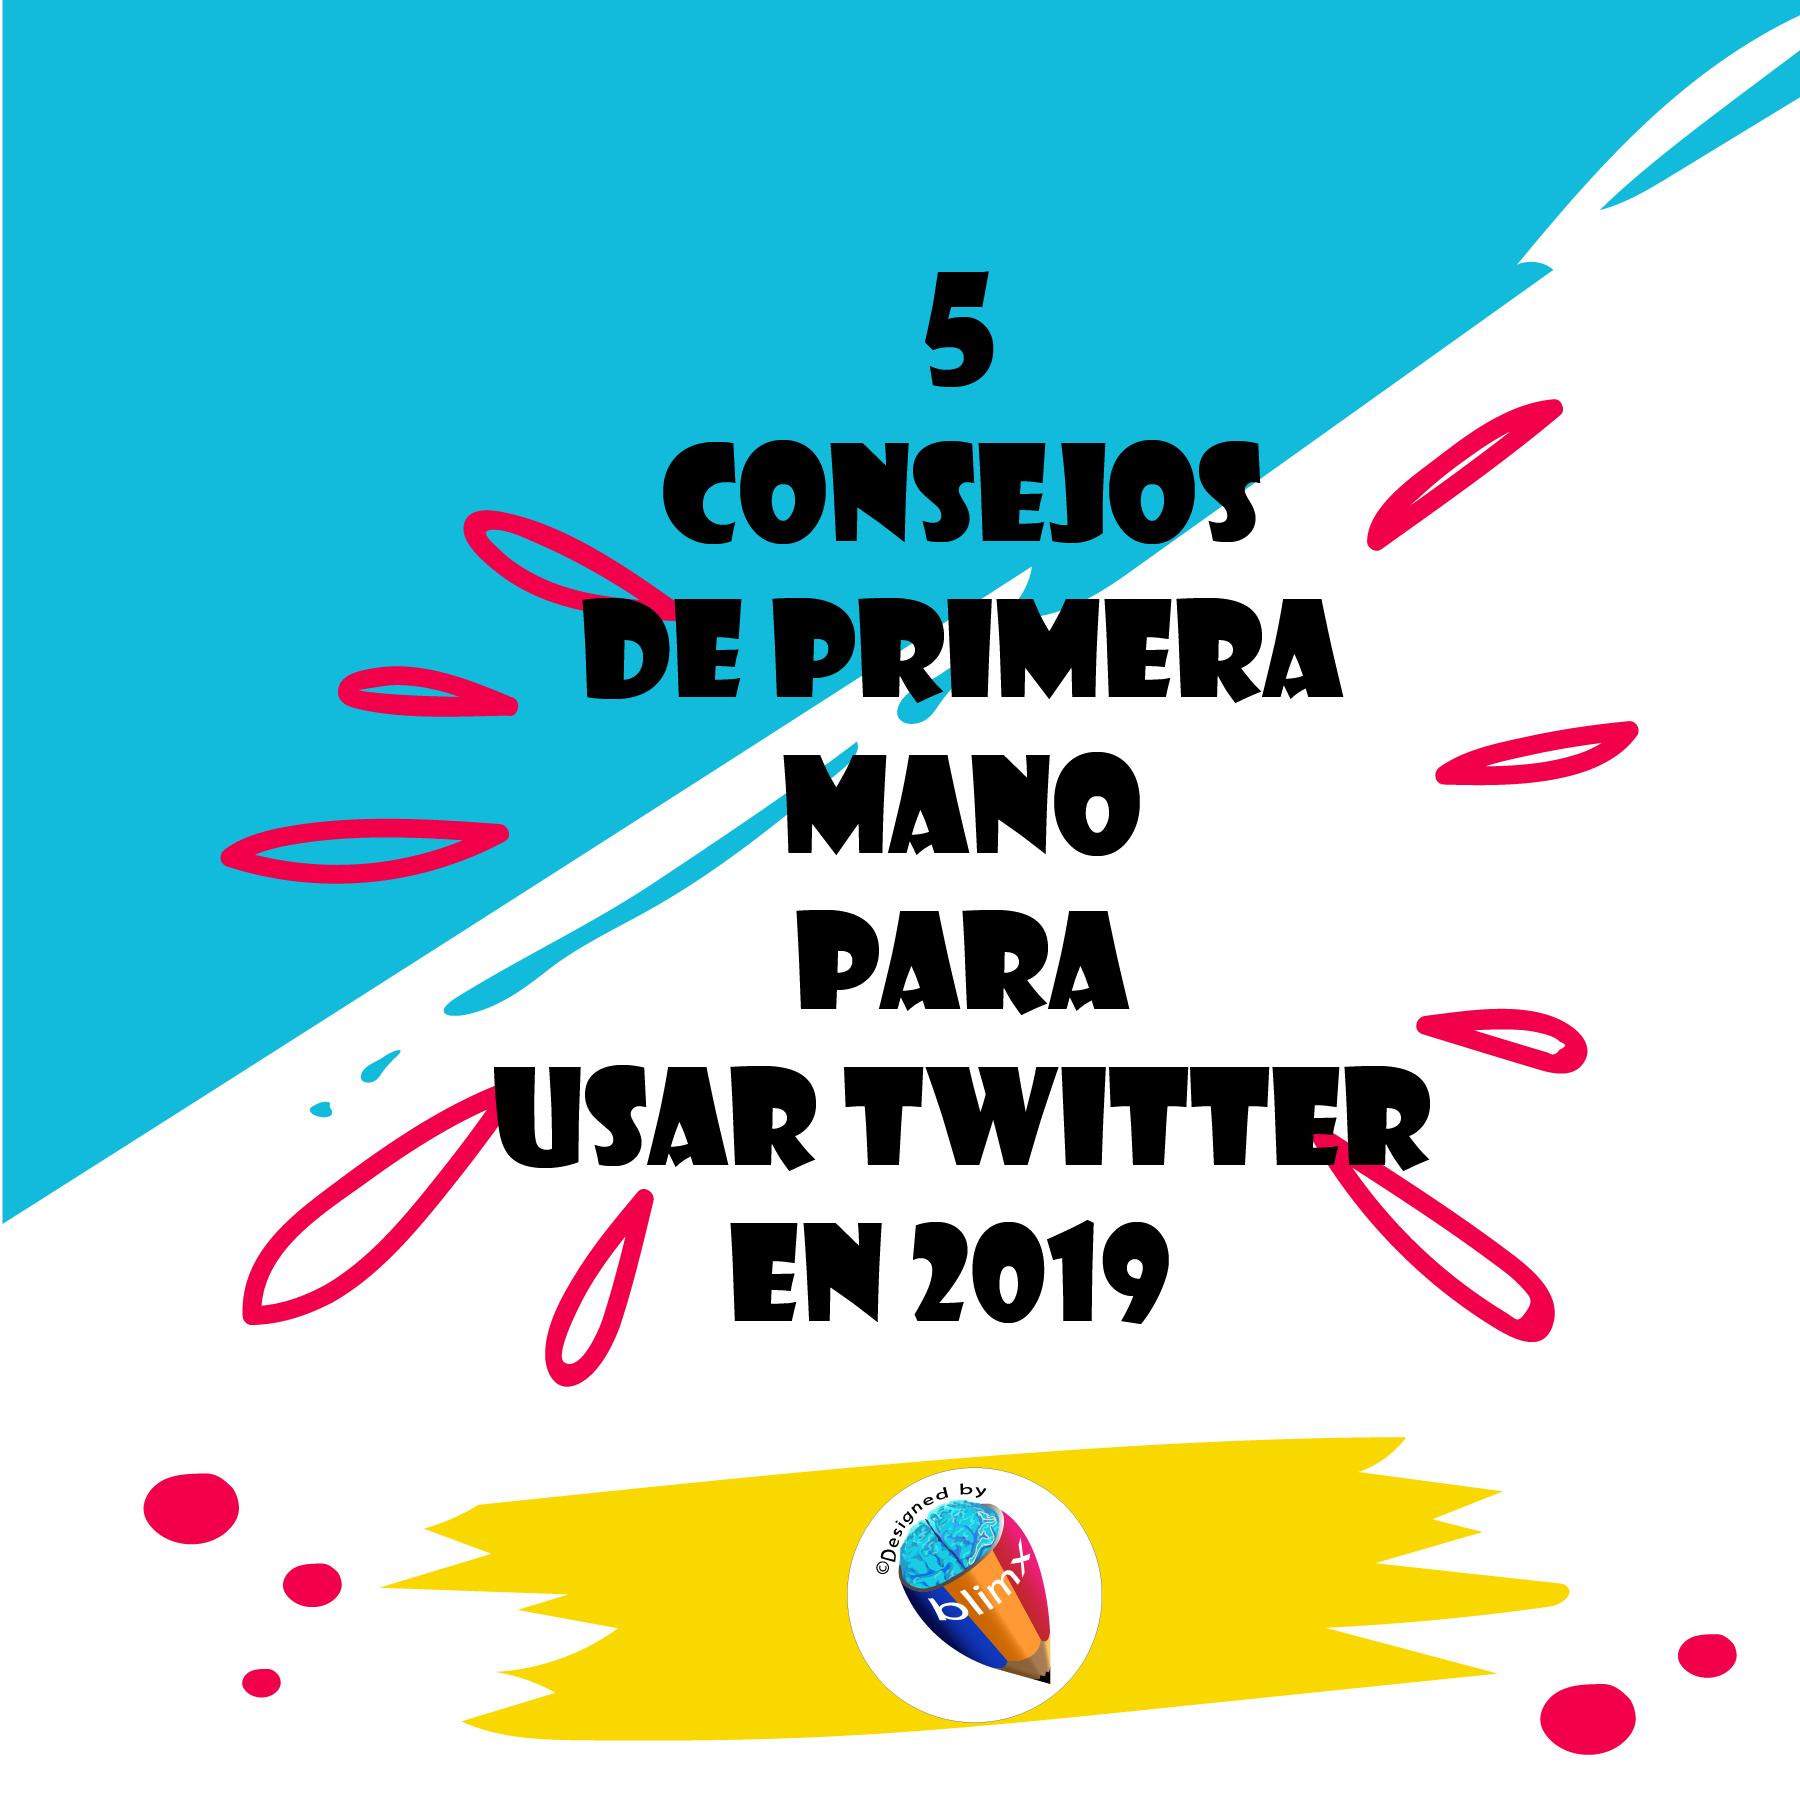 5 consejos de primera mano para usar Twitter en 2019